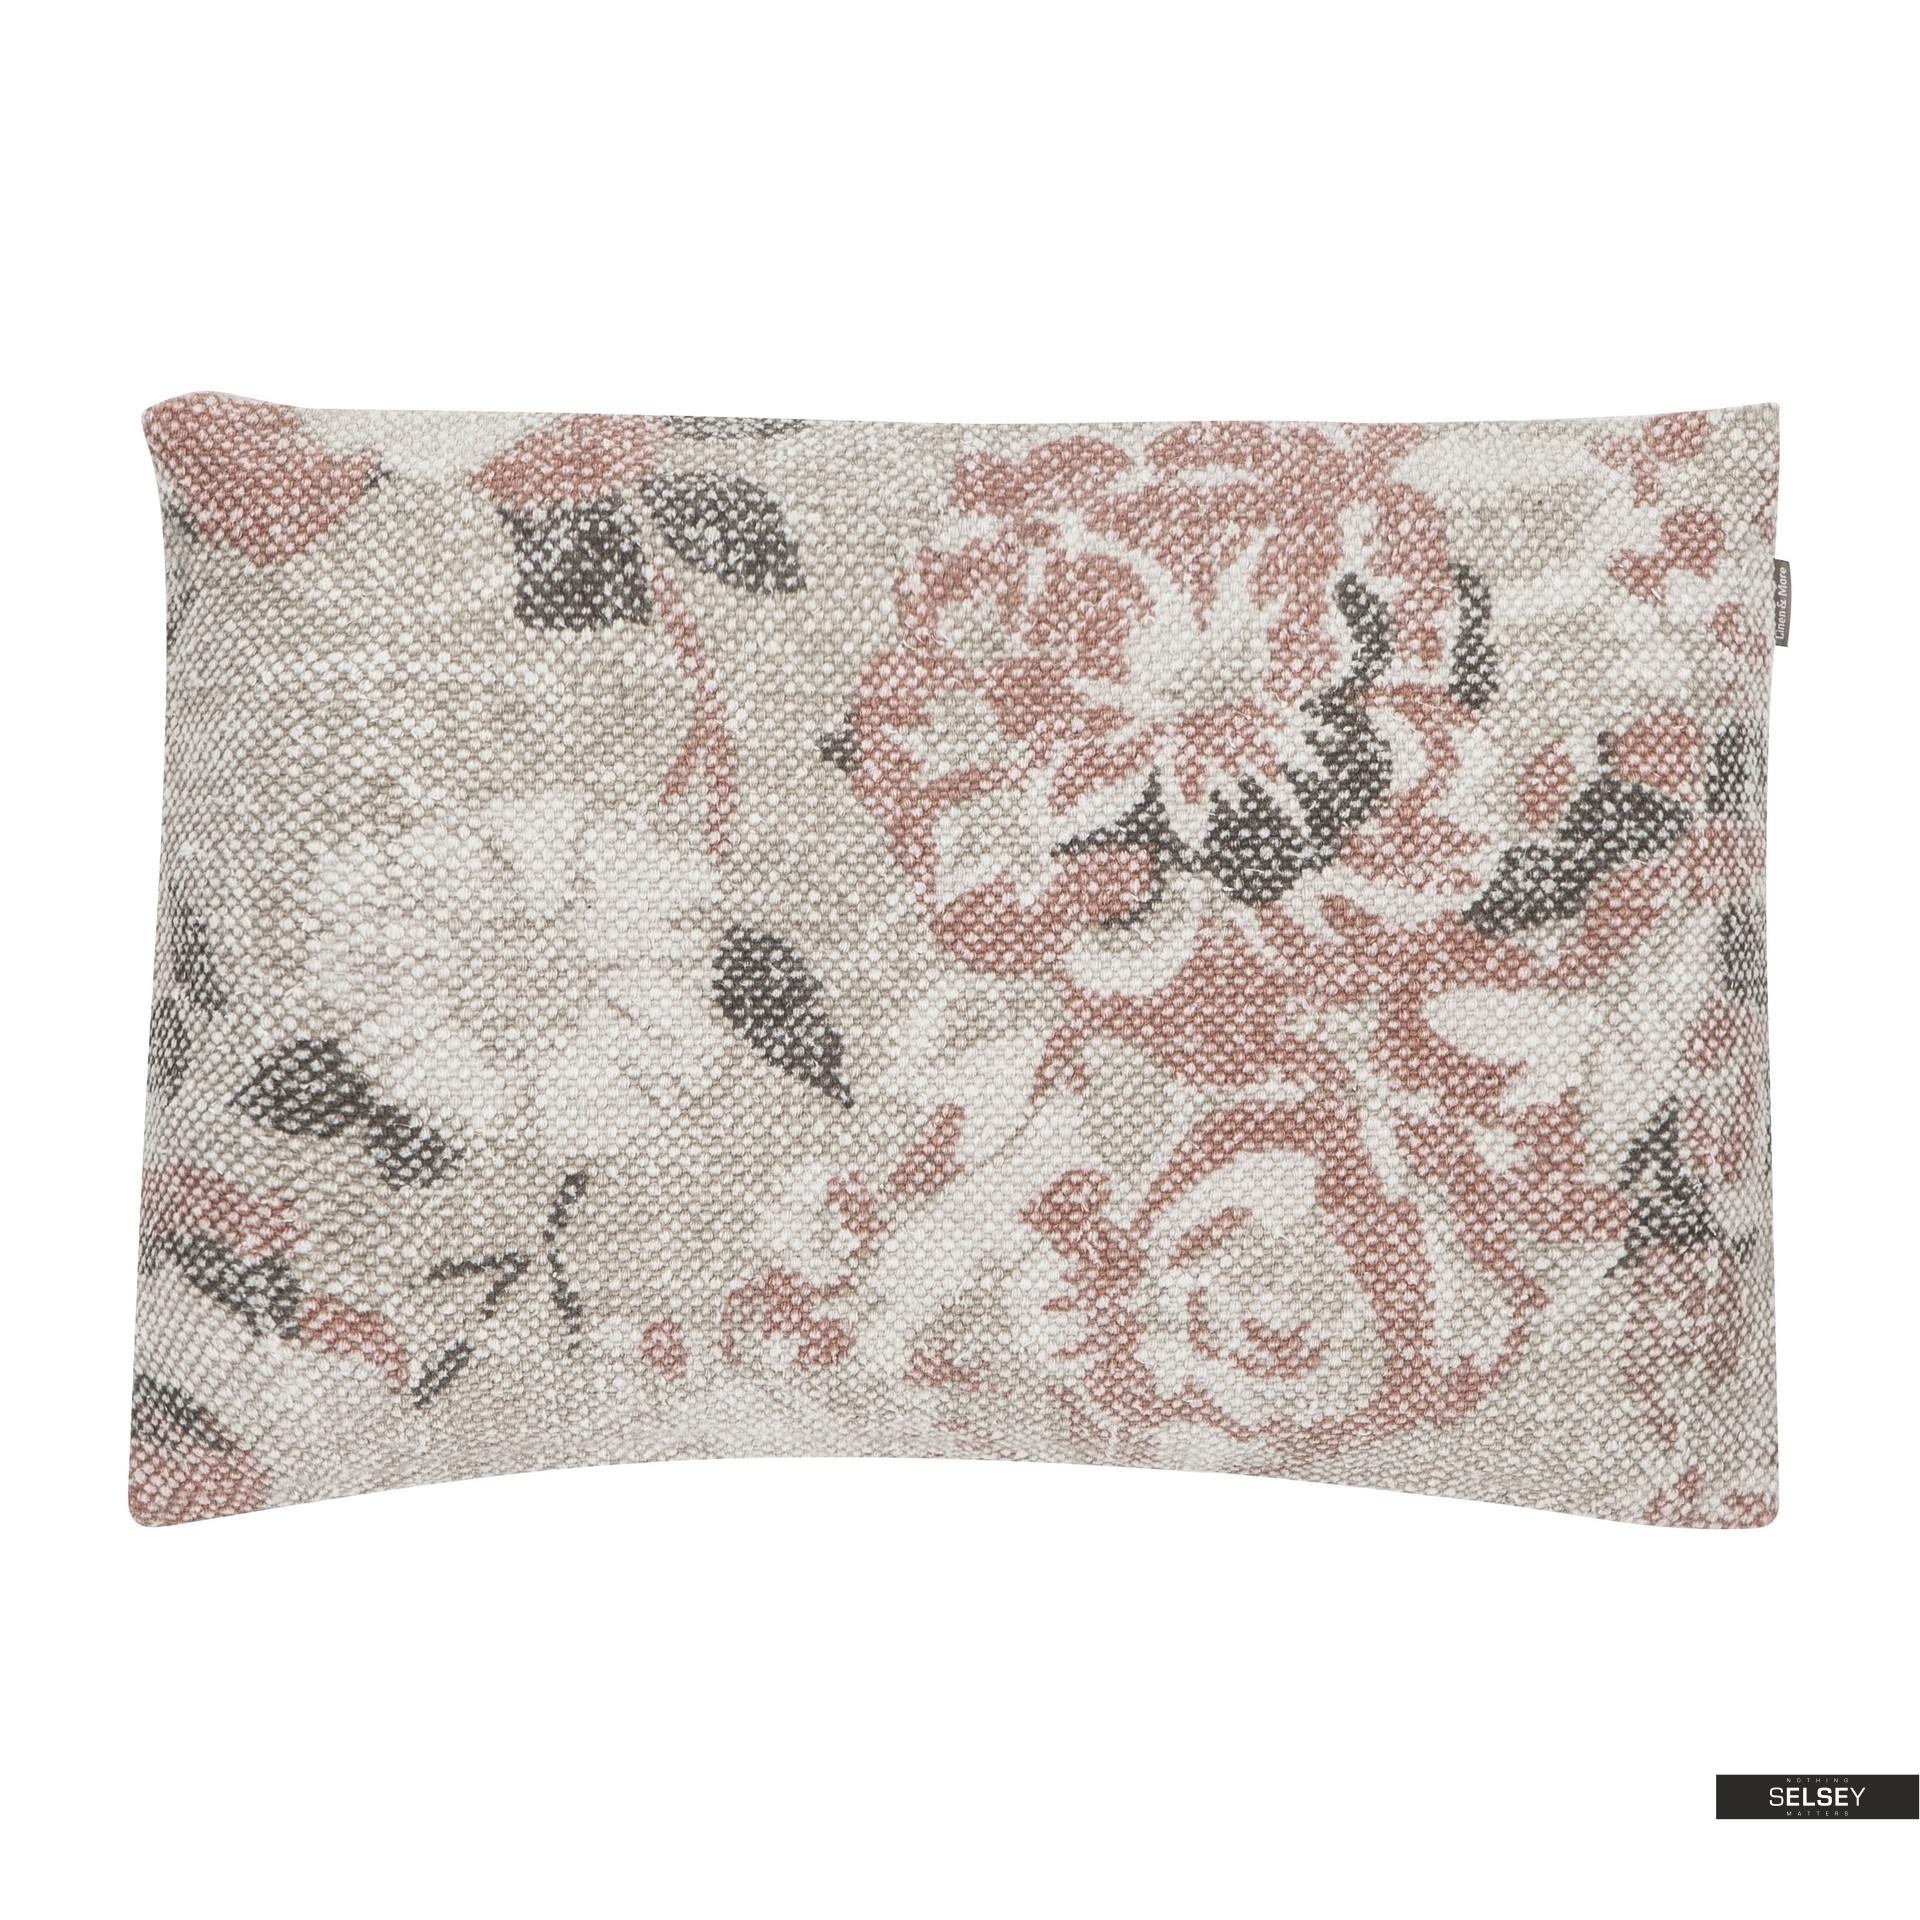 Vintage Flowers Pastel Cushion 35x50 cm